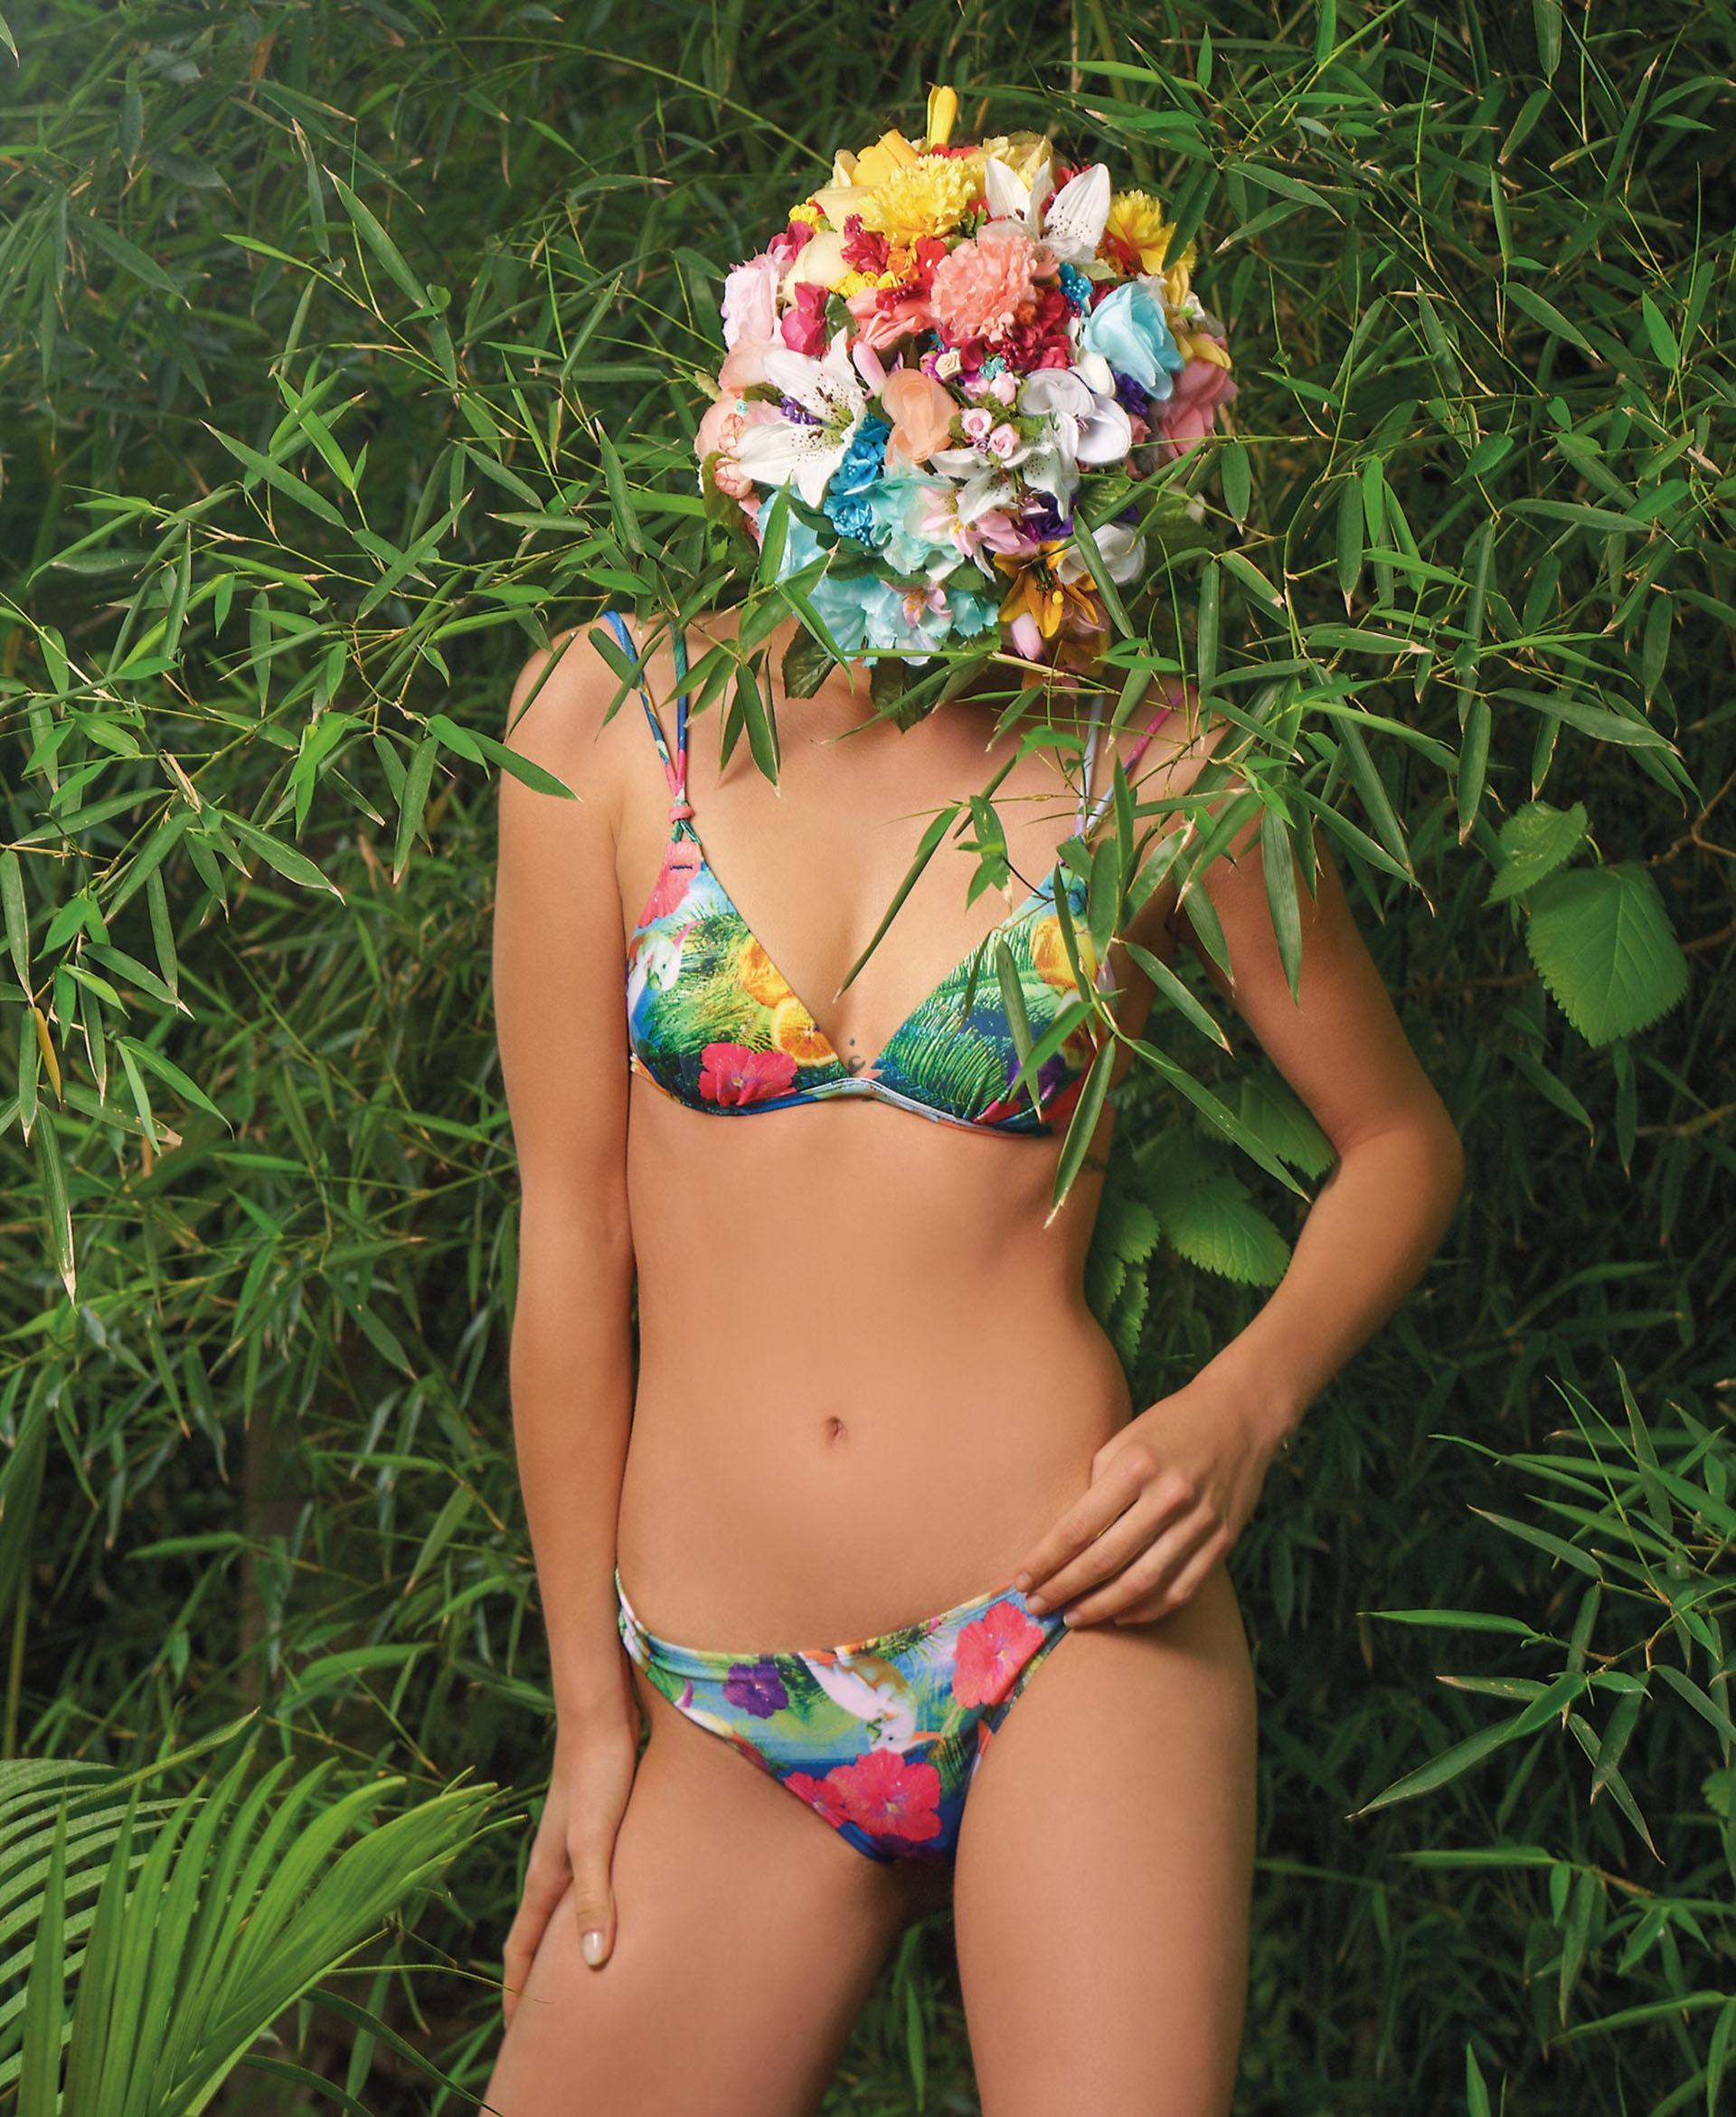 Bikini con corpiño armado y vedetina con estampa de flores ($ 1.099 y$ 578, Luz de Mar).Fotos Juan Jauregui/ Para Ti